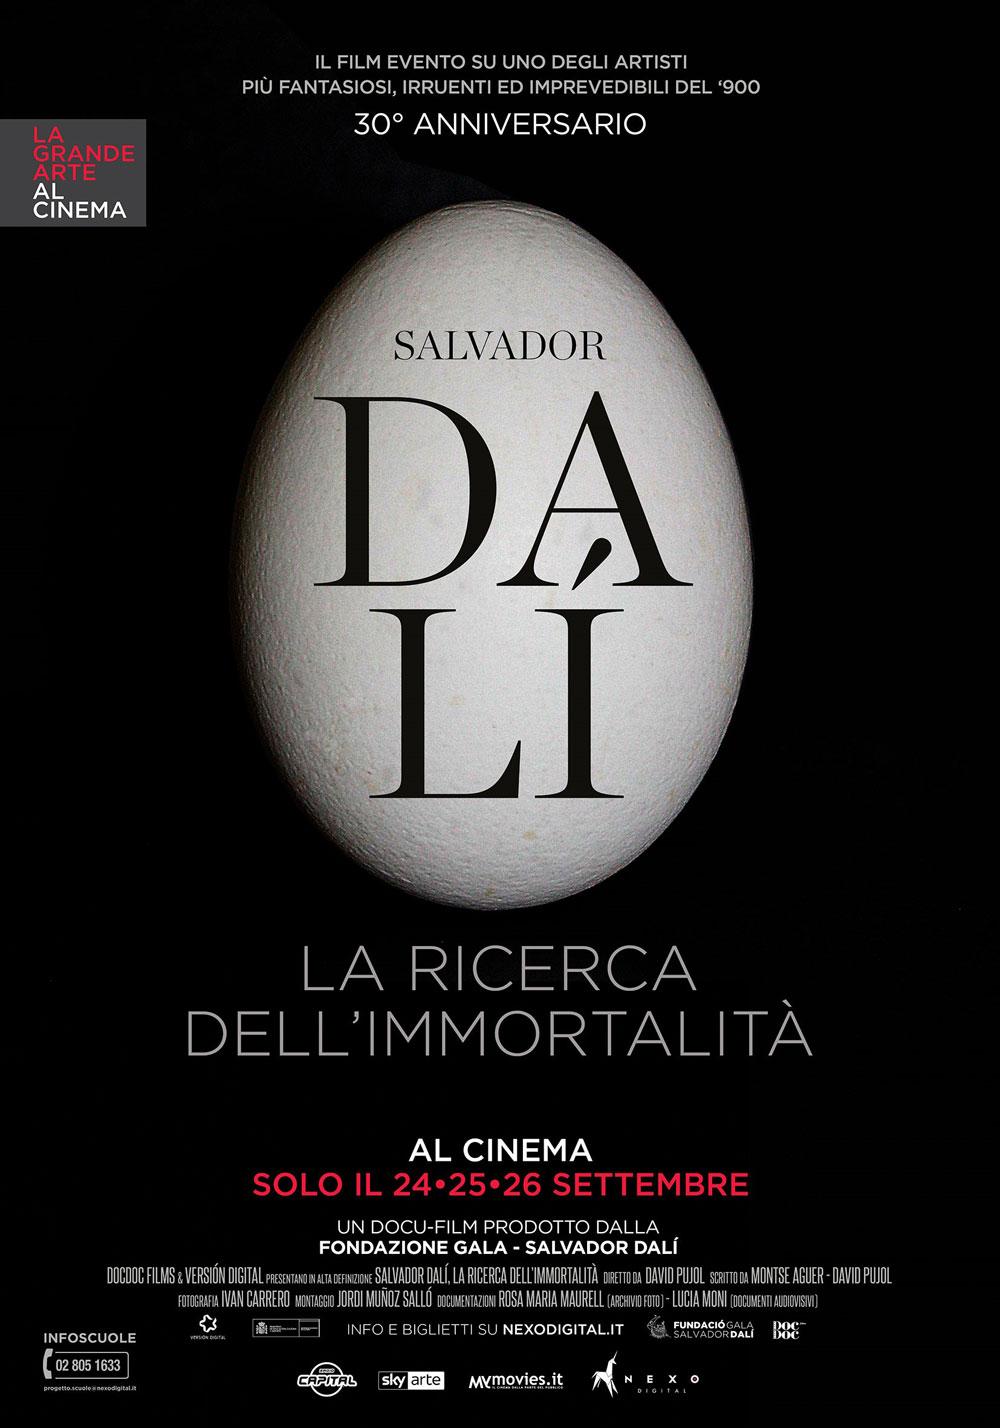 Il nuovo cartellone 2018 de La Grande Arte al Cinema si apre con Dalí